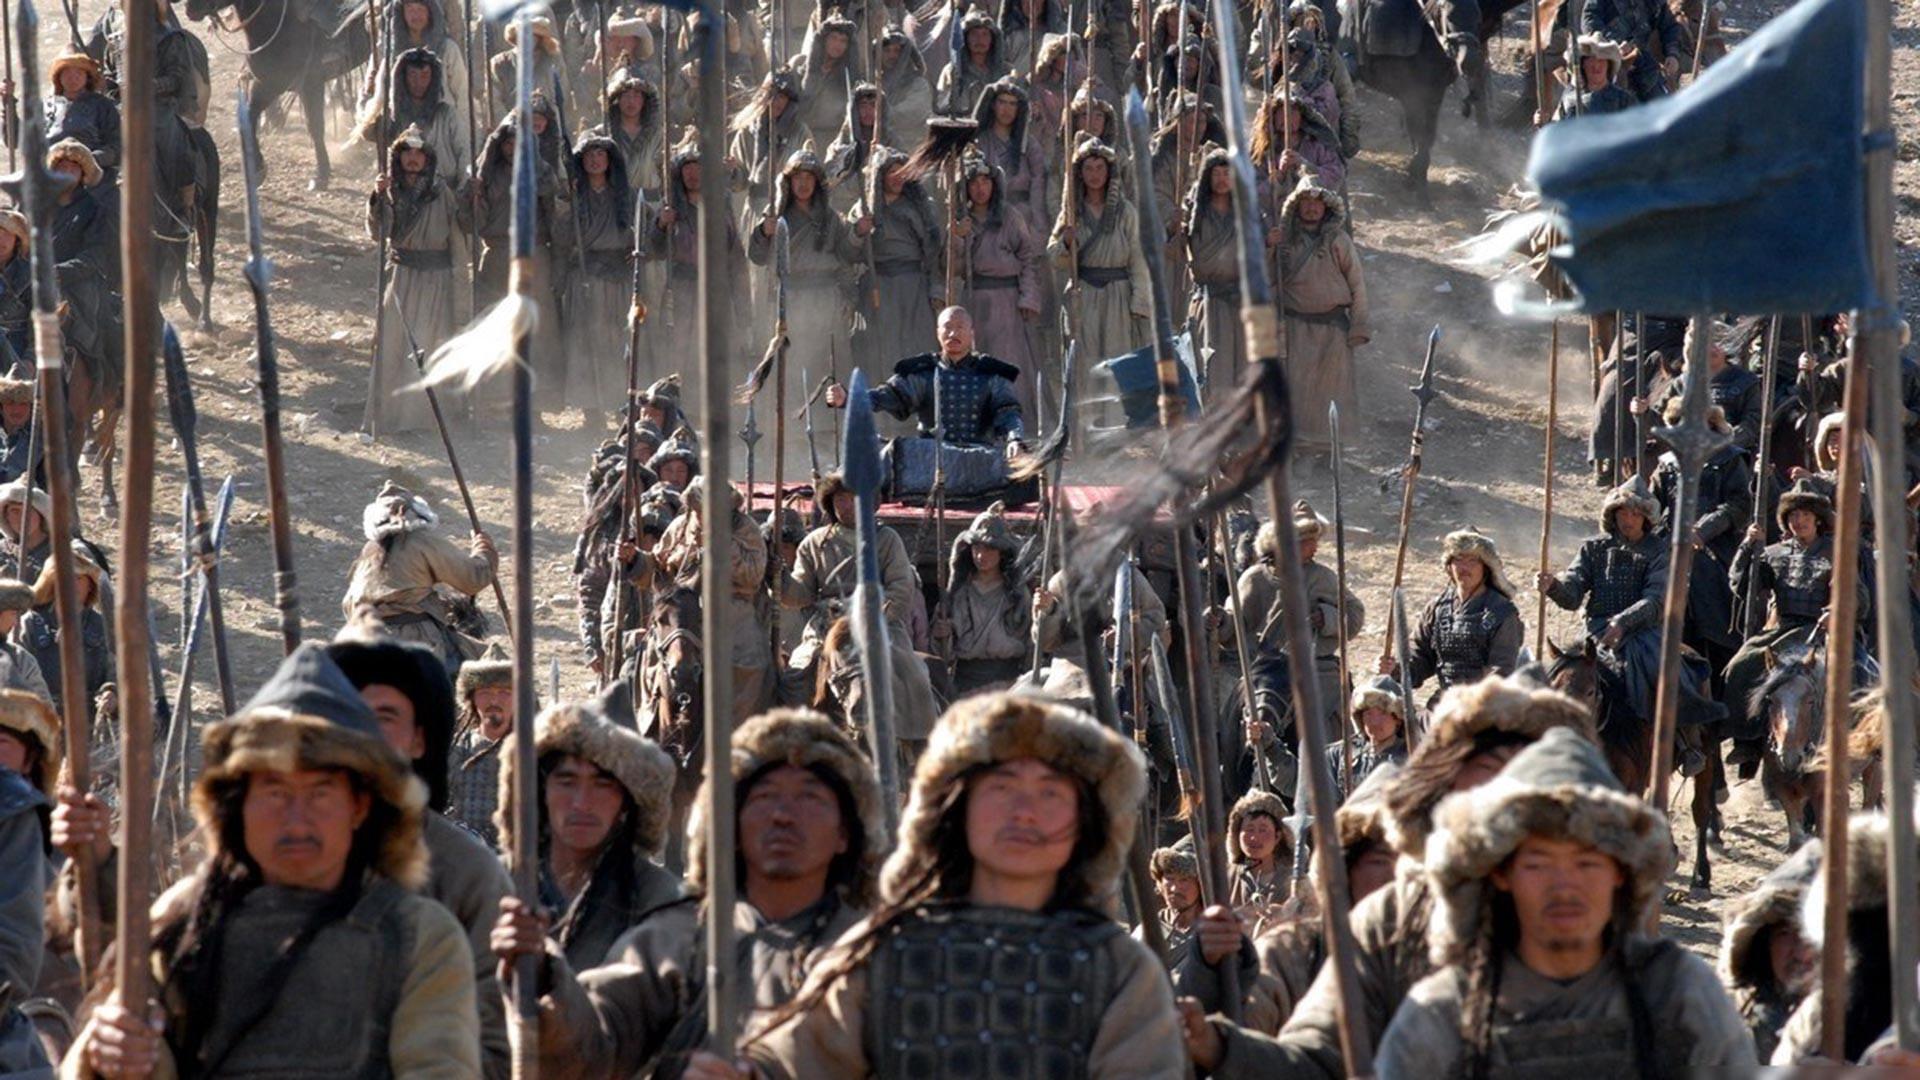 Mongolski vojskovodja. Posnetek iz filma